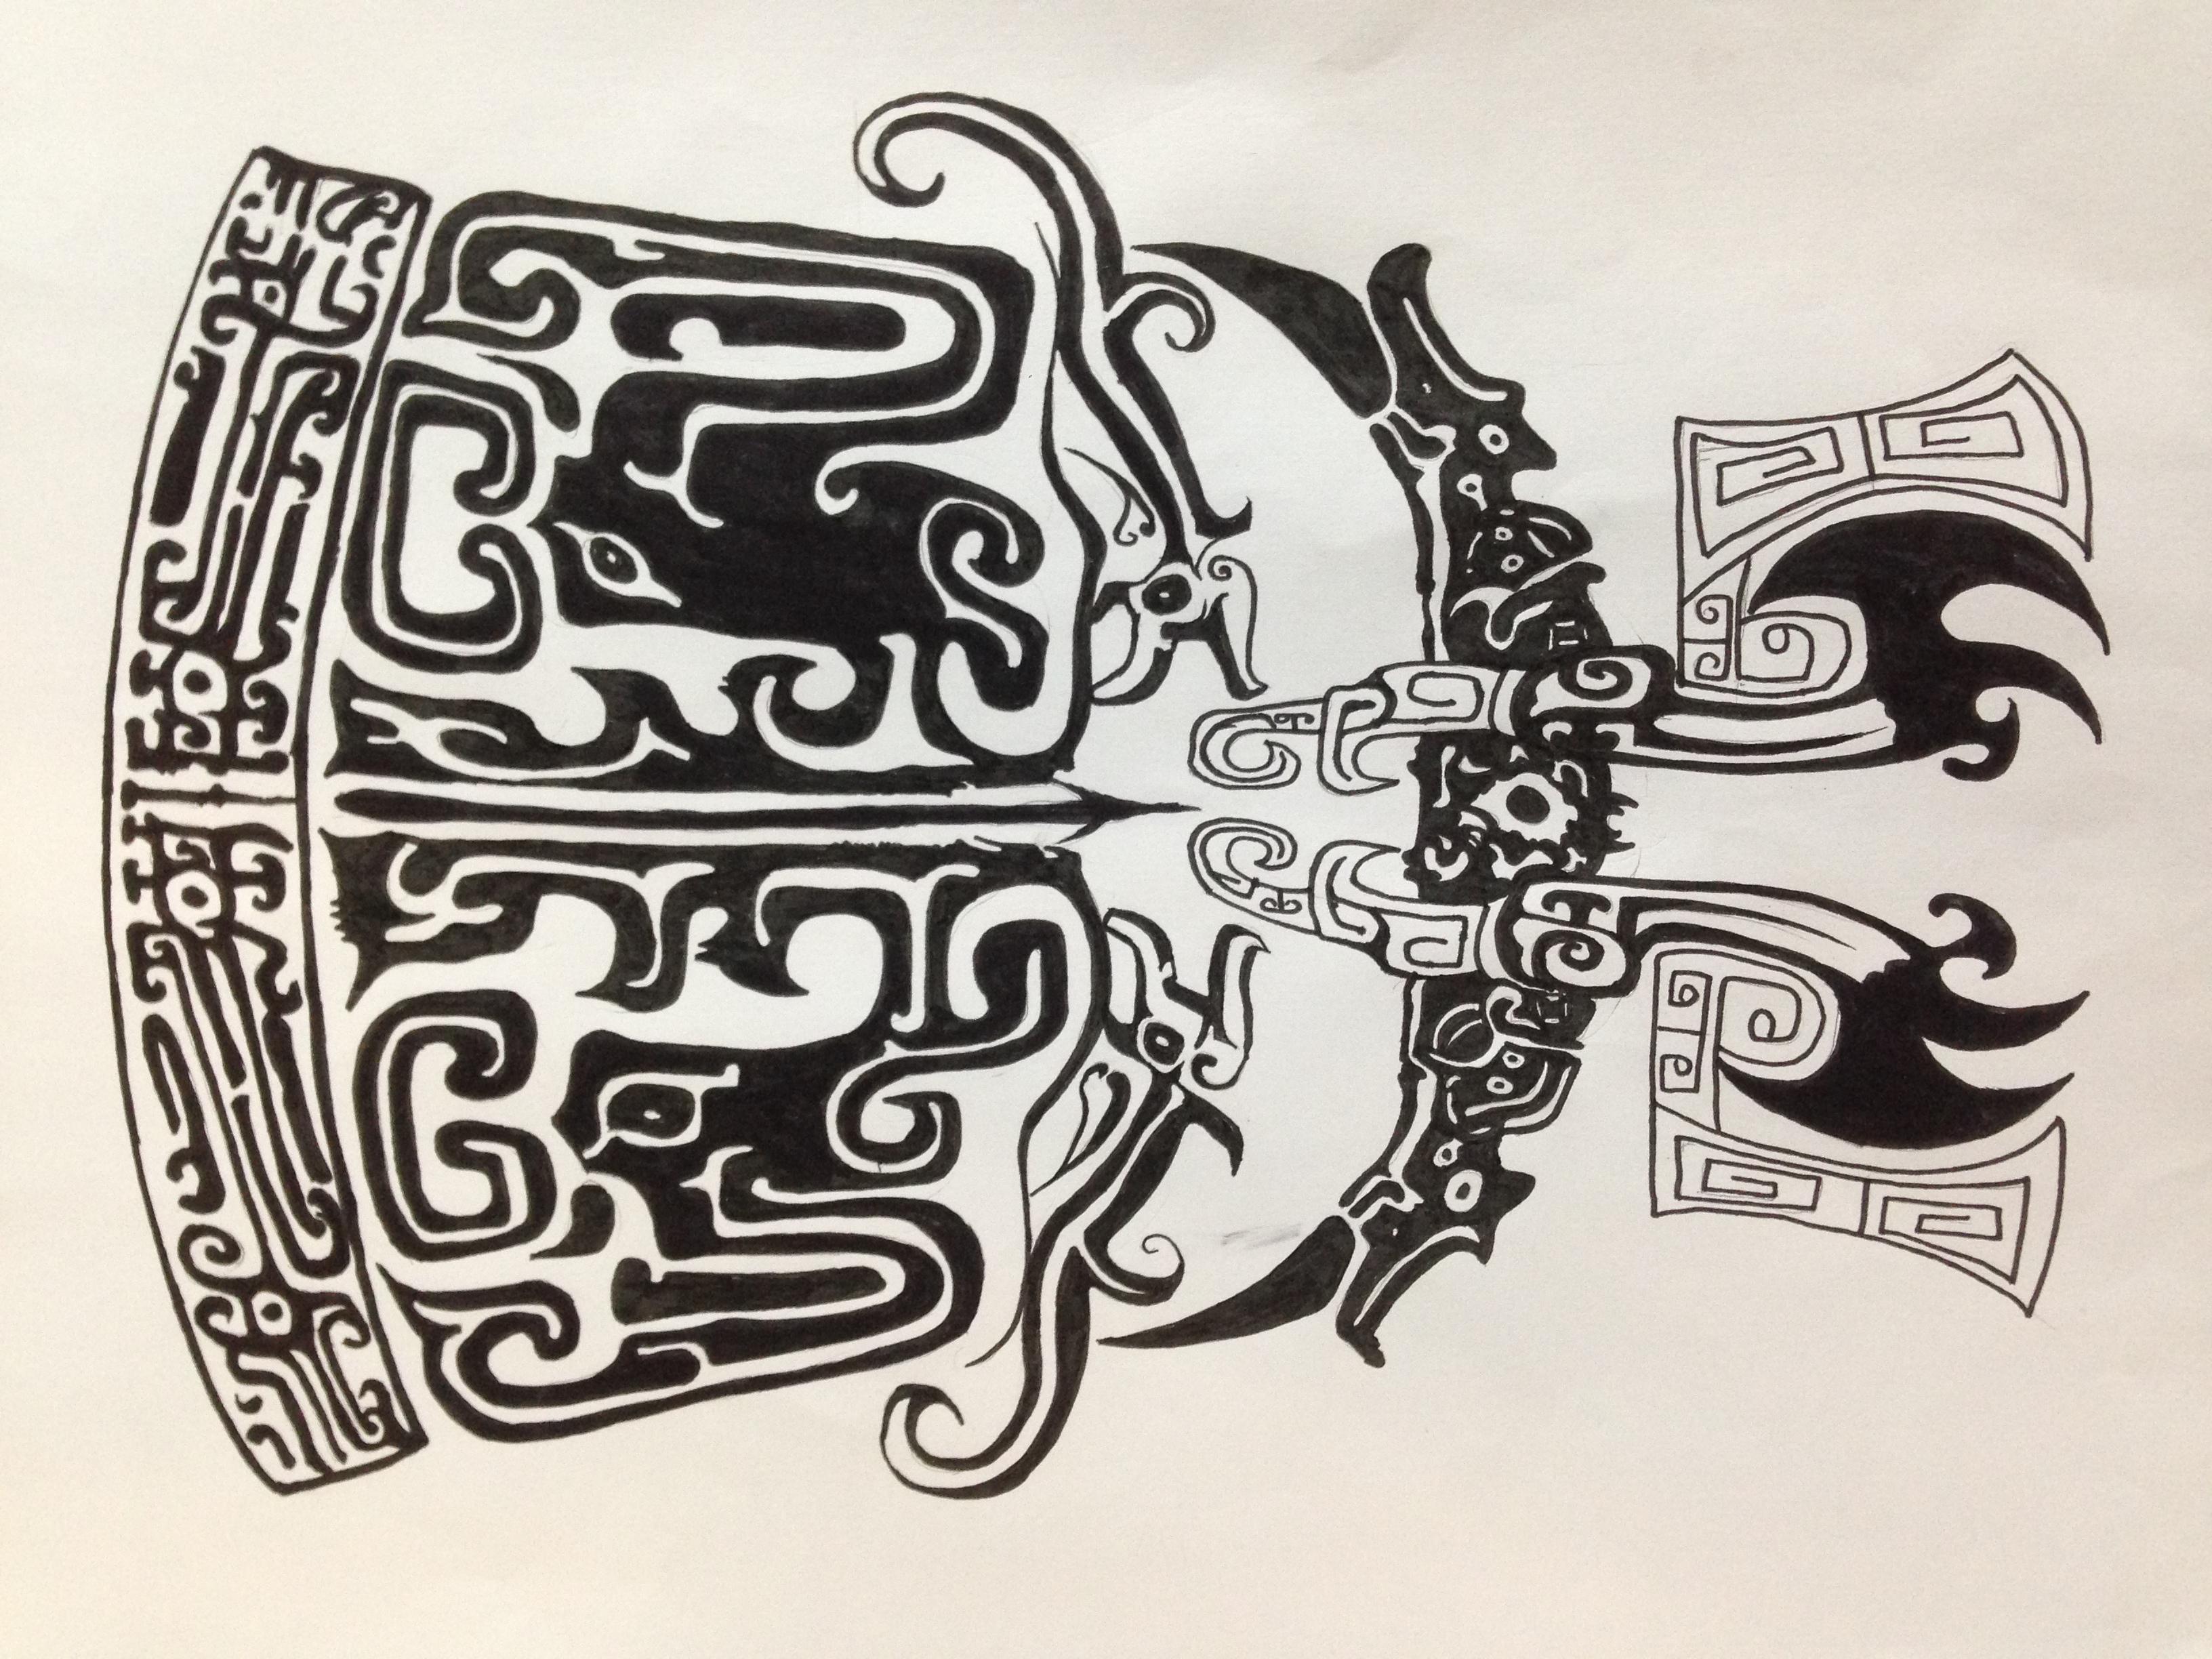 【夔龙】古风夔龙图腾纹身稿